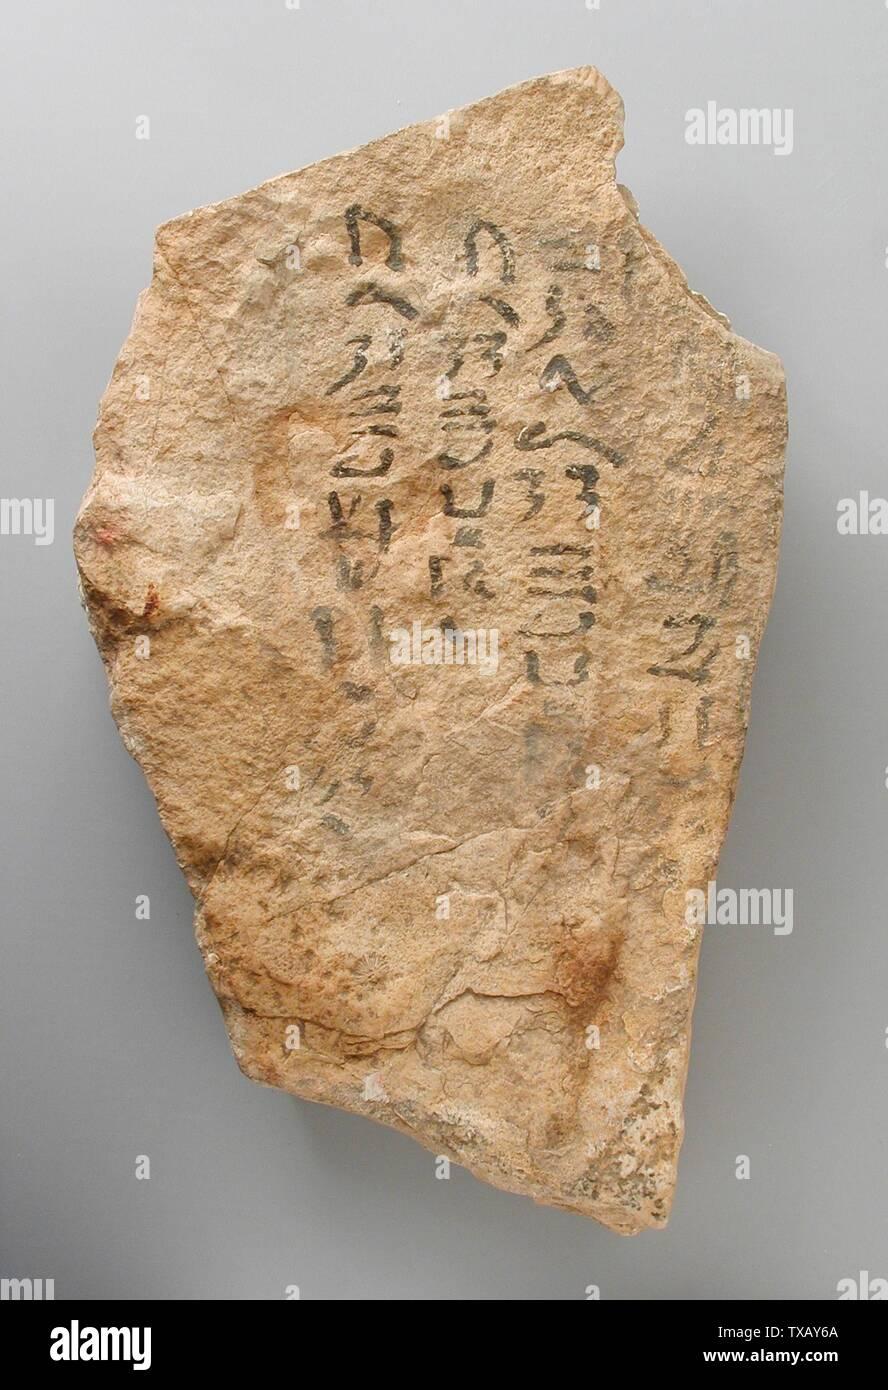 'Ostracon avec une liste de noms; l'Égypte, Nouvel Empire, xviiie dynastie (1569 - 1315 avant notre ère) Outils et équipement; calcaire ostraka 8 11/16 x 5 1/8 in. (22 x 13 cm) Don de Carl W. Thomas (M.80.203.187) L'art égyptien; xviiie dynastie (1569 - 1315 avant notre ère); ' Photo Stock